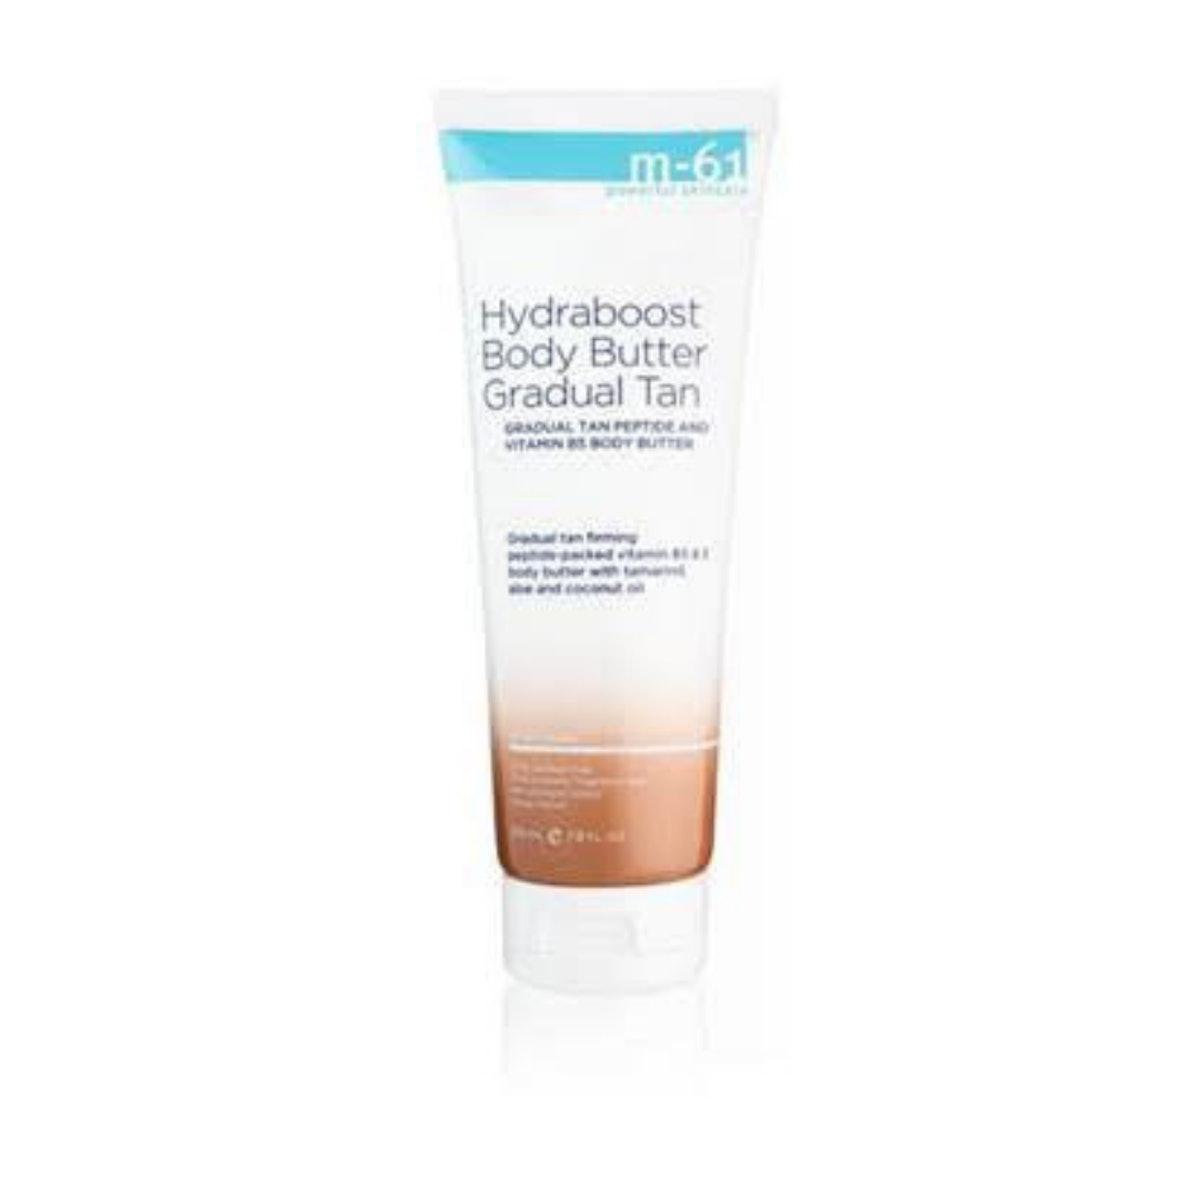 Hydraboost Body Butter Gradual Tan